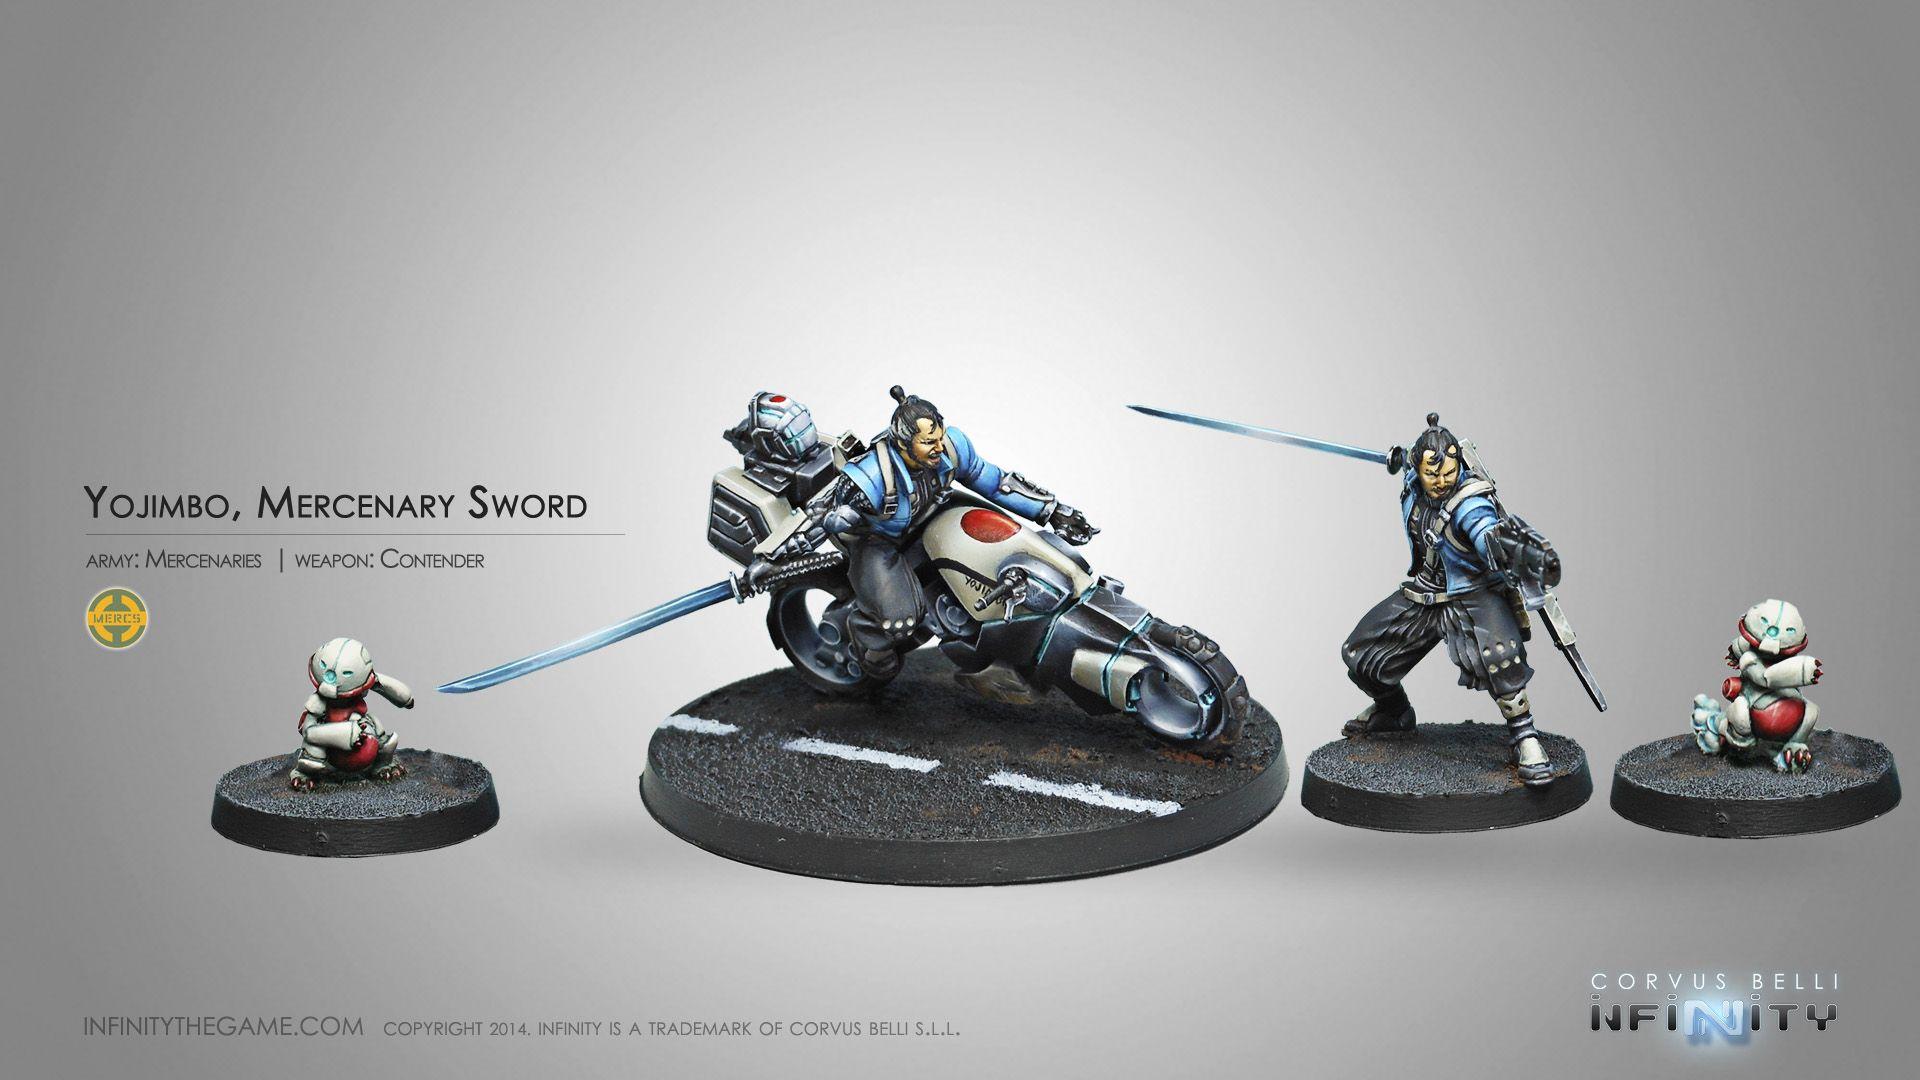 Yojimbo, Mercenary Sword (Contender)